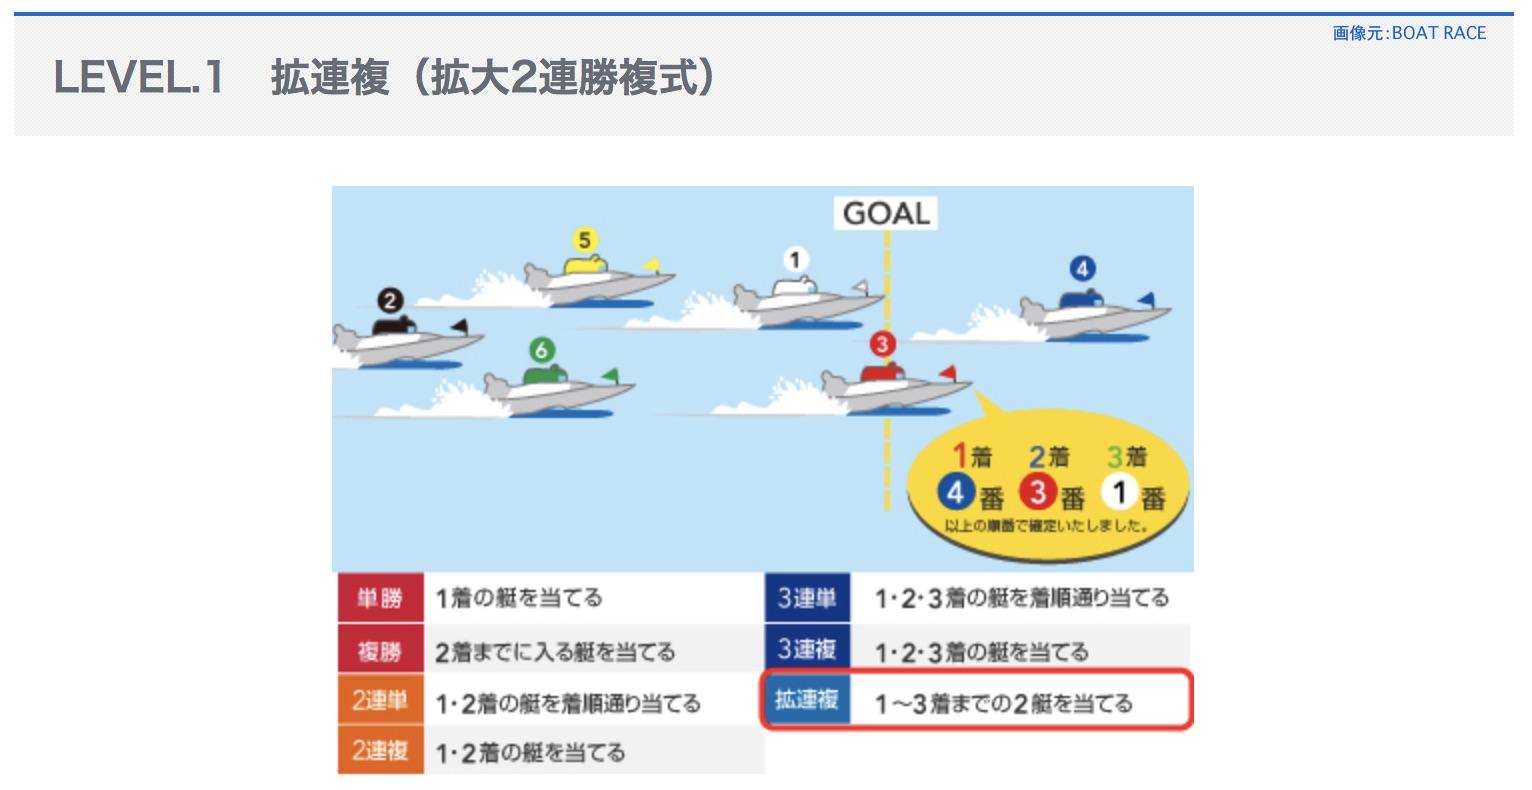 拡連複(ワイド)という競艇ボートレースの舟券の式別とは